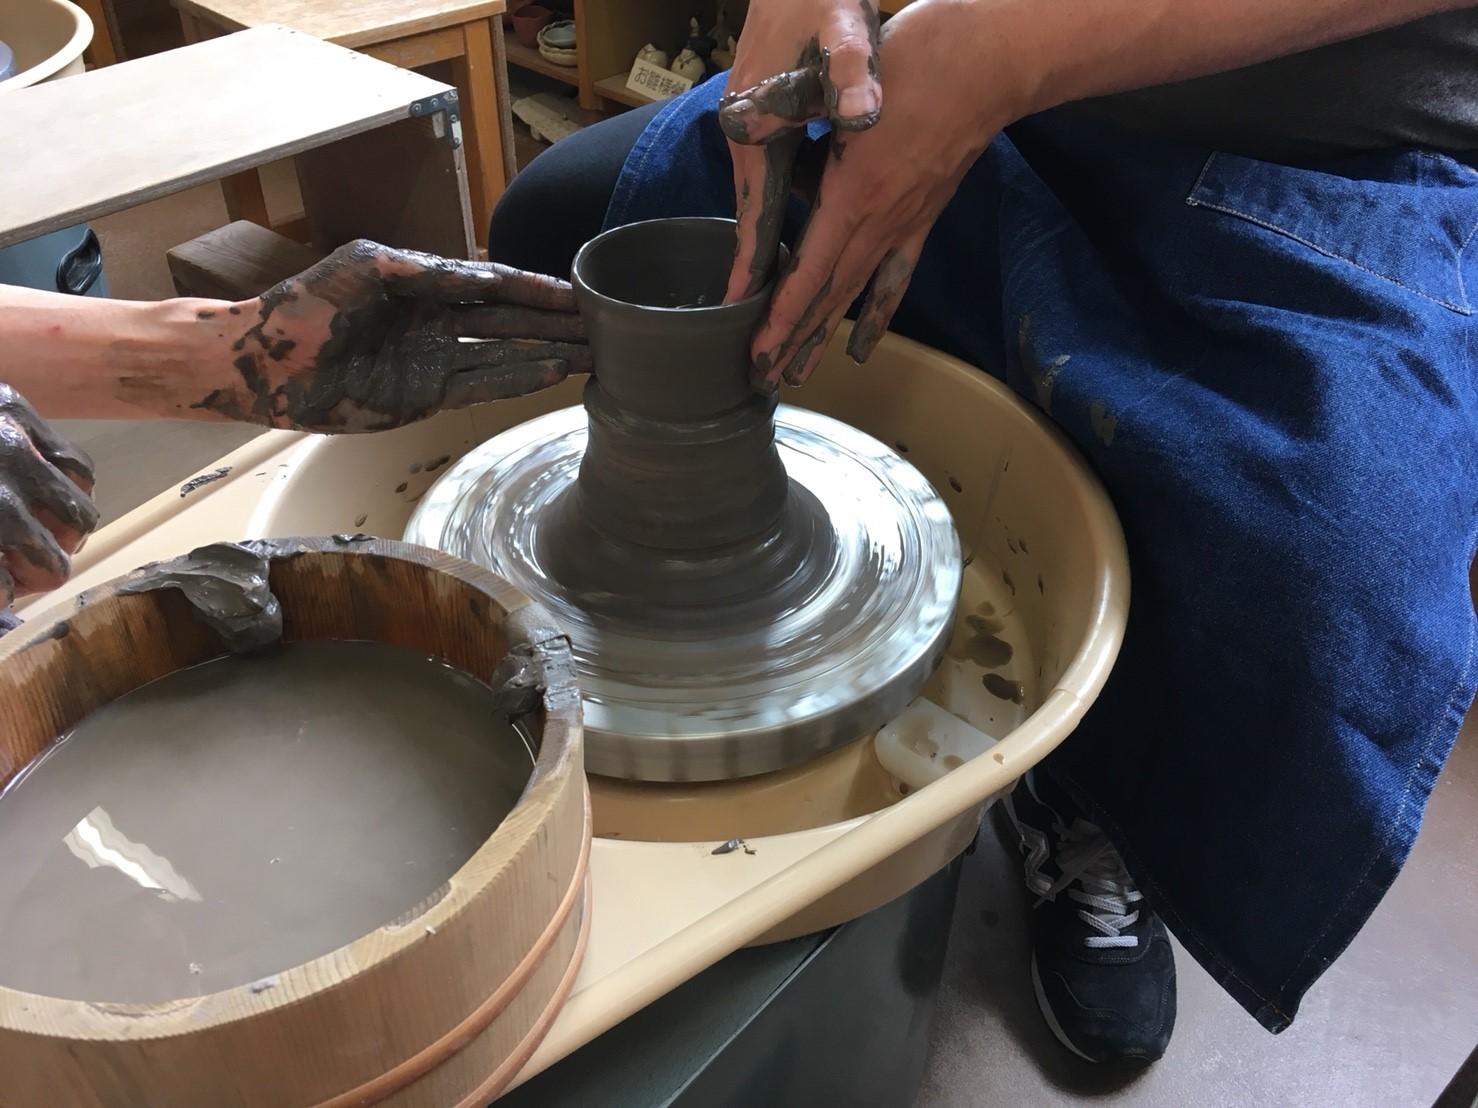 【石川】ろくろ陶芸体験、カタチに残る思い出をつくろう!